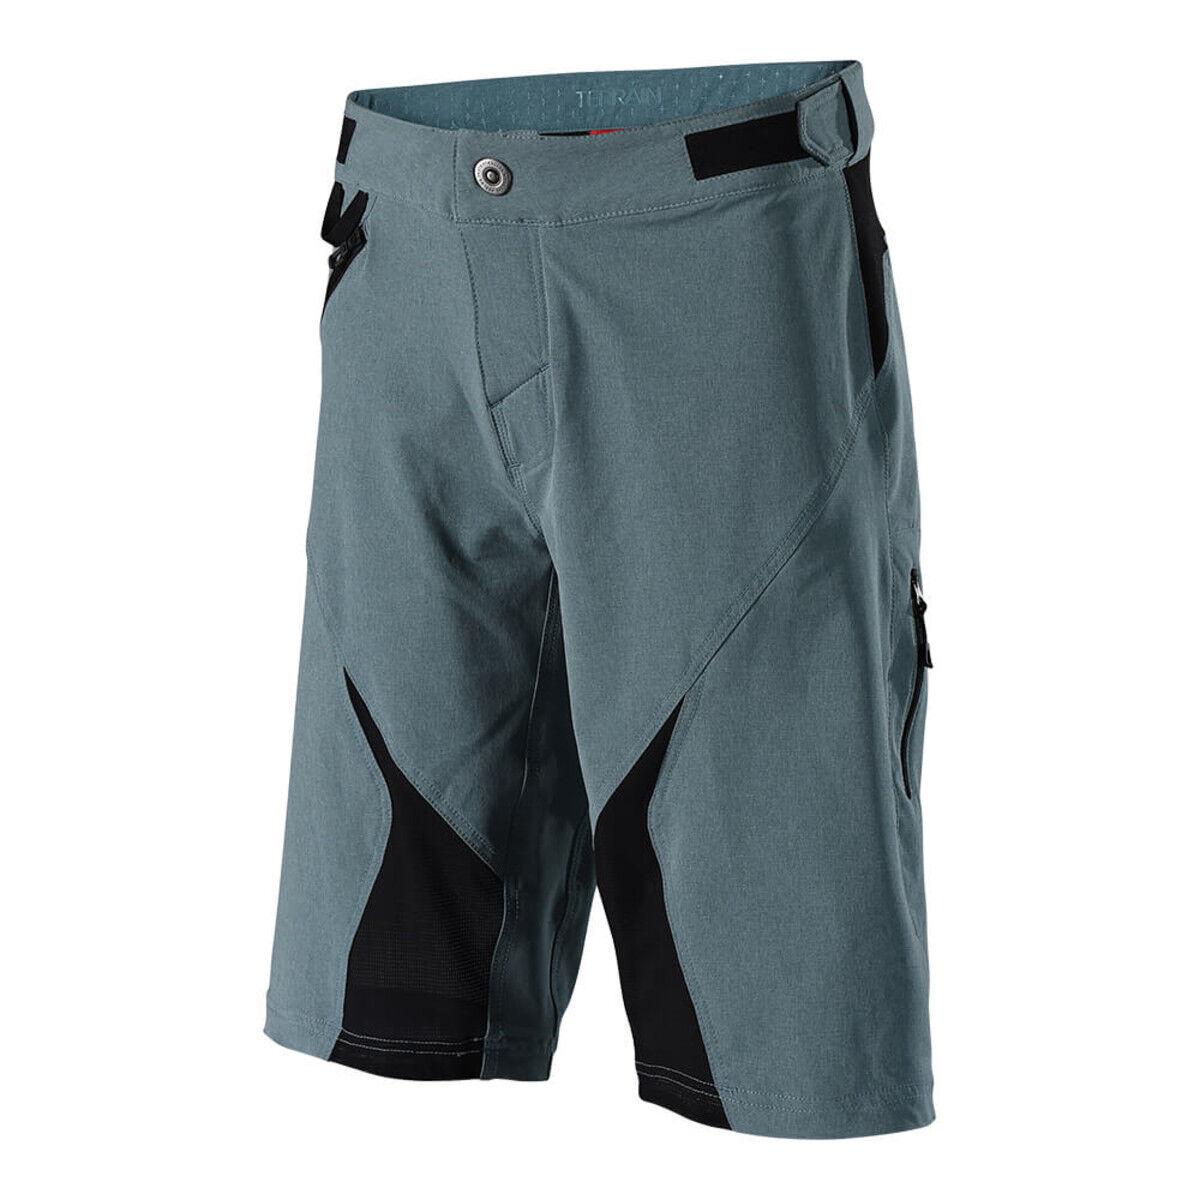 Troy Lee Designs Pantalones cortos de bicicleta de montaña terreno corto; Azul gris 32